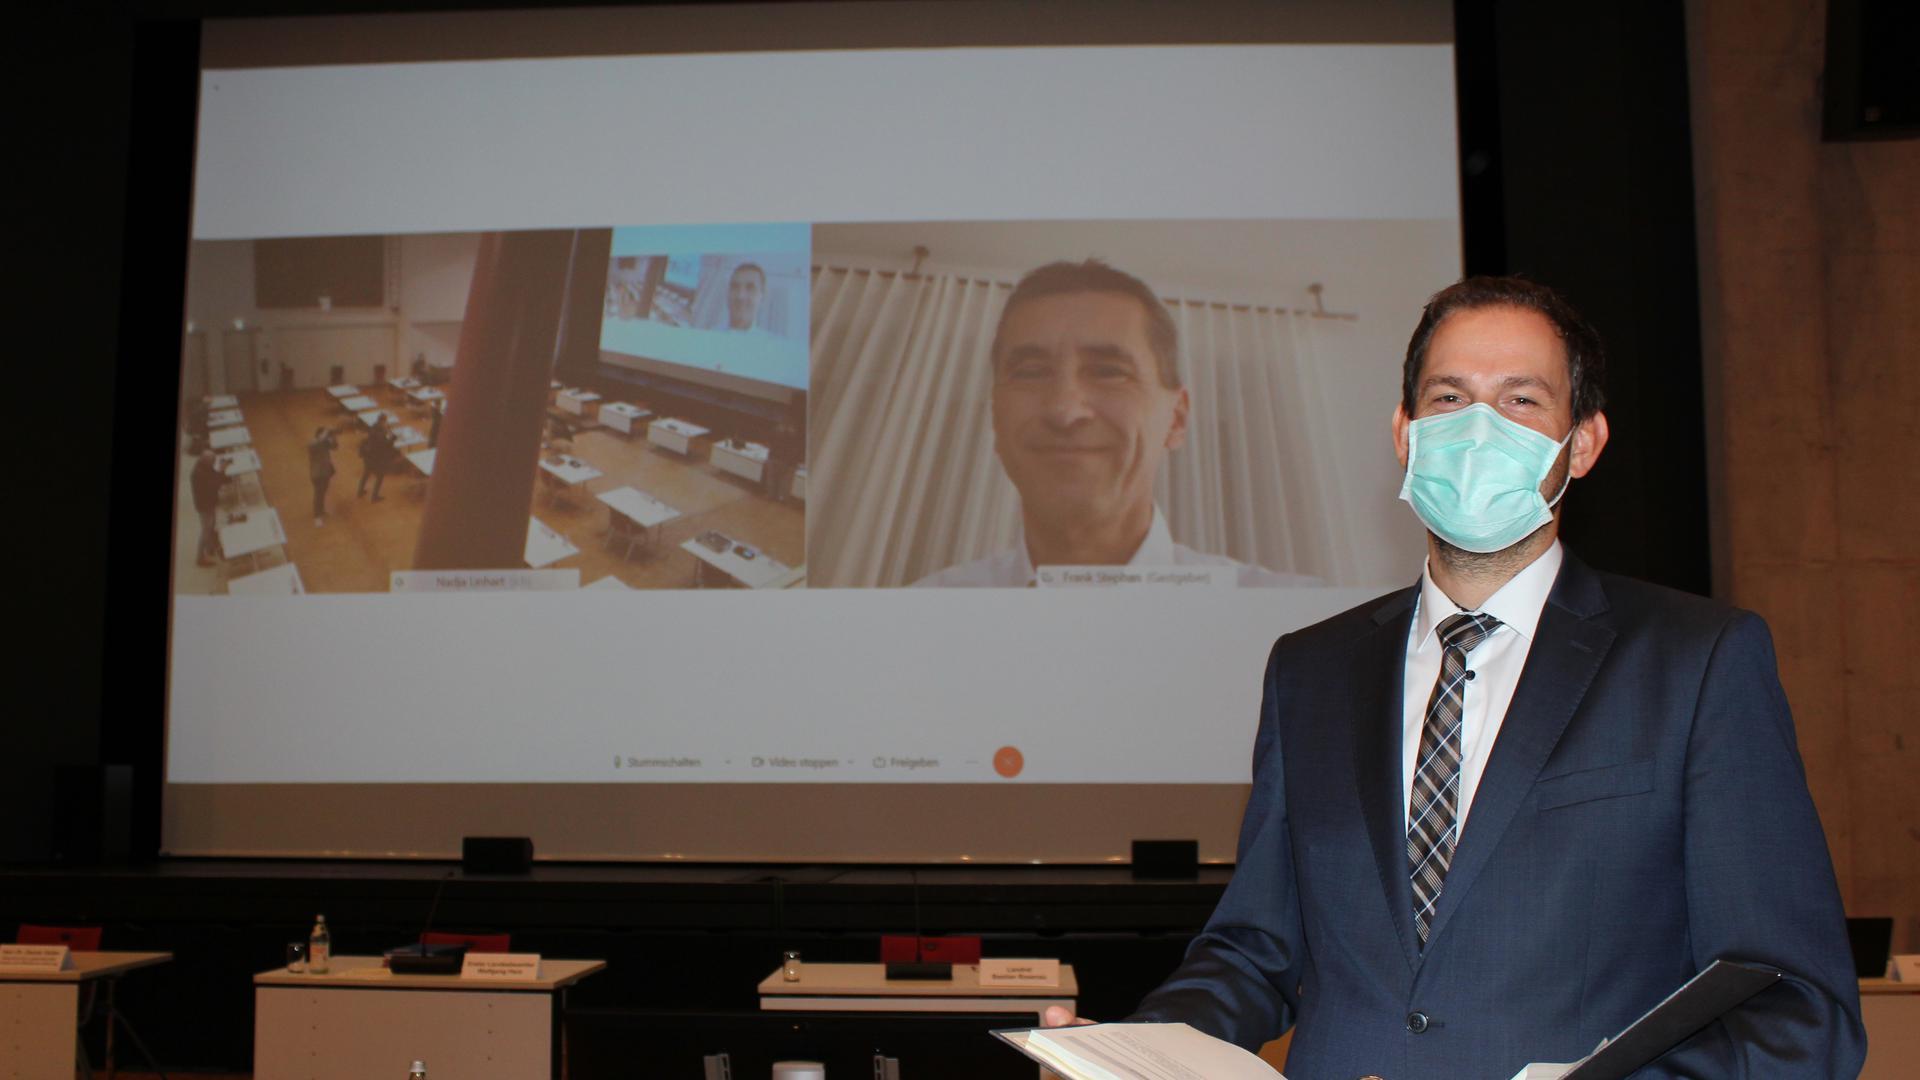 Landrat Bastian Rosenau bei der Etat-Vorstellung in der Novembersitzung in der Remchinger Kulturhalle.